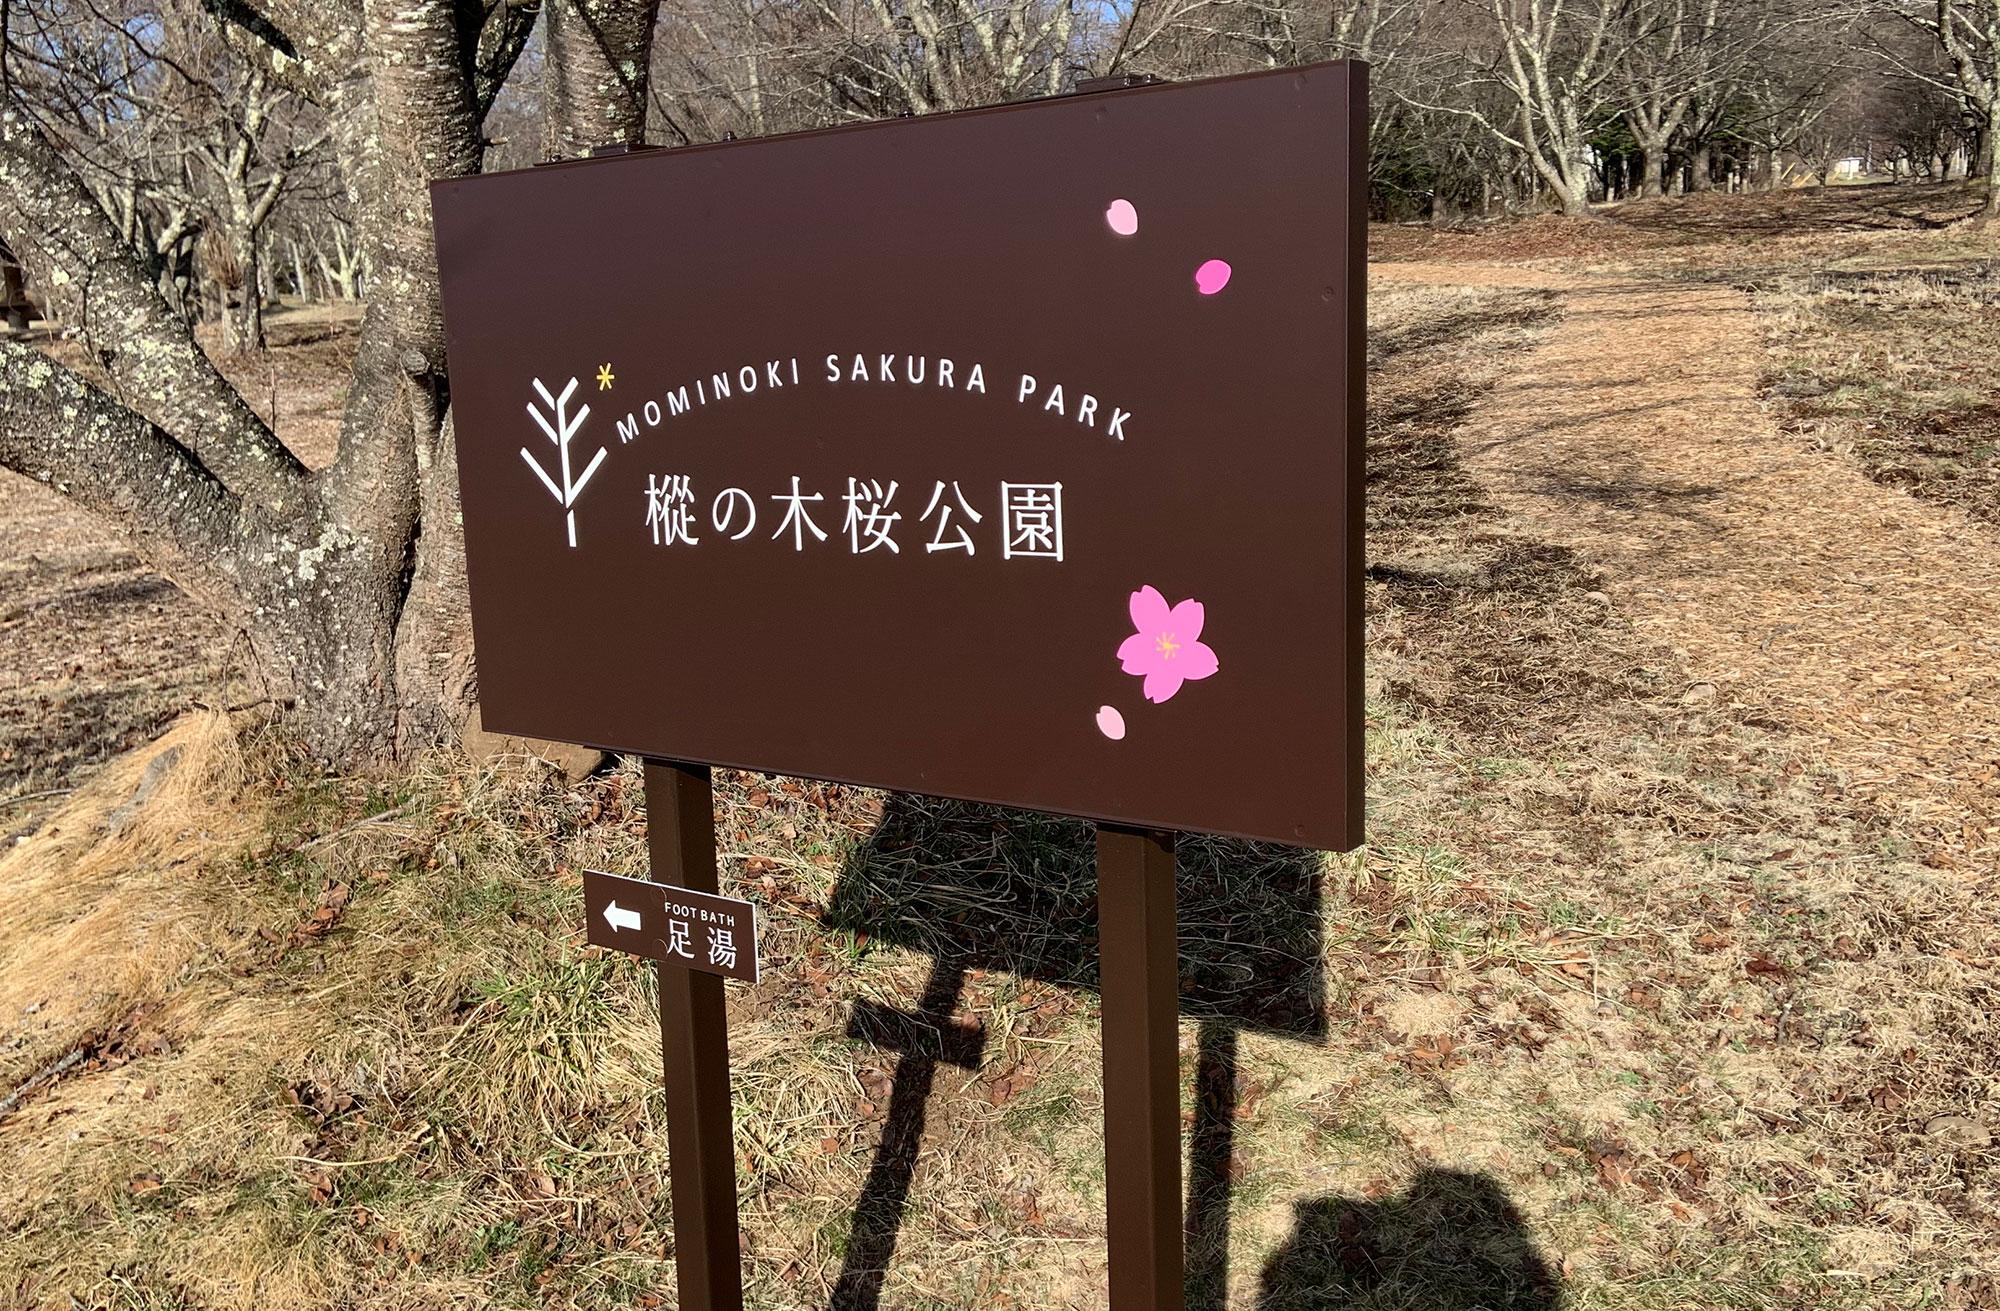 新規案内看板(樅の木桜公園様)